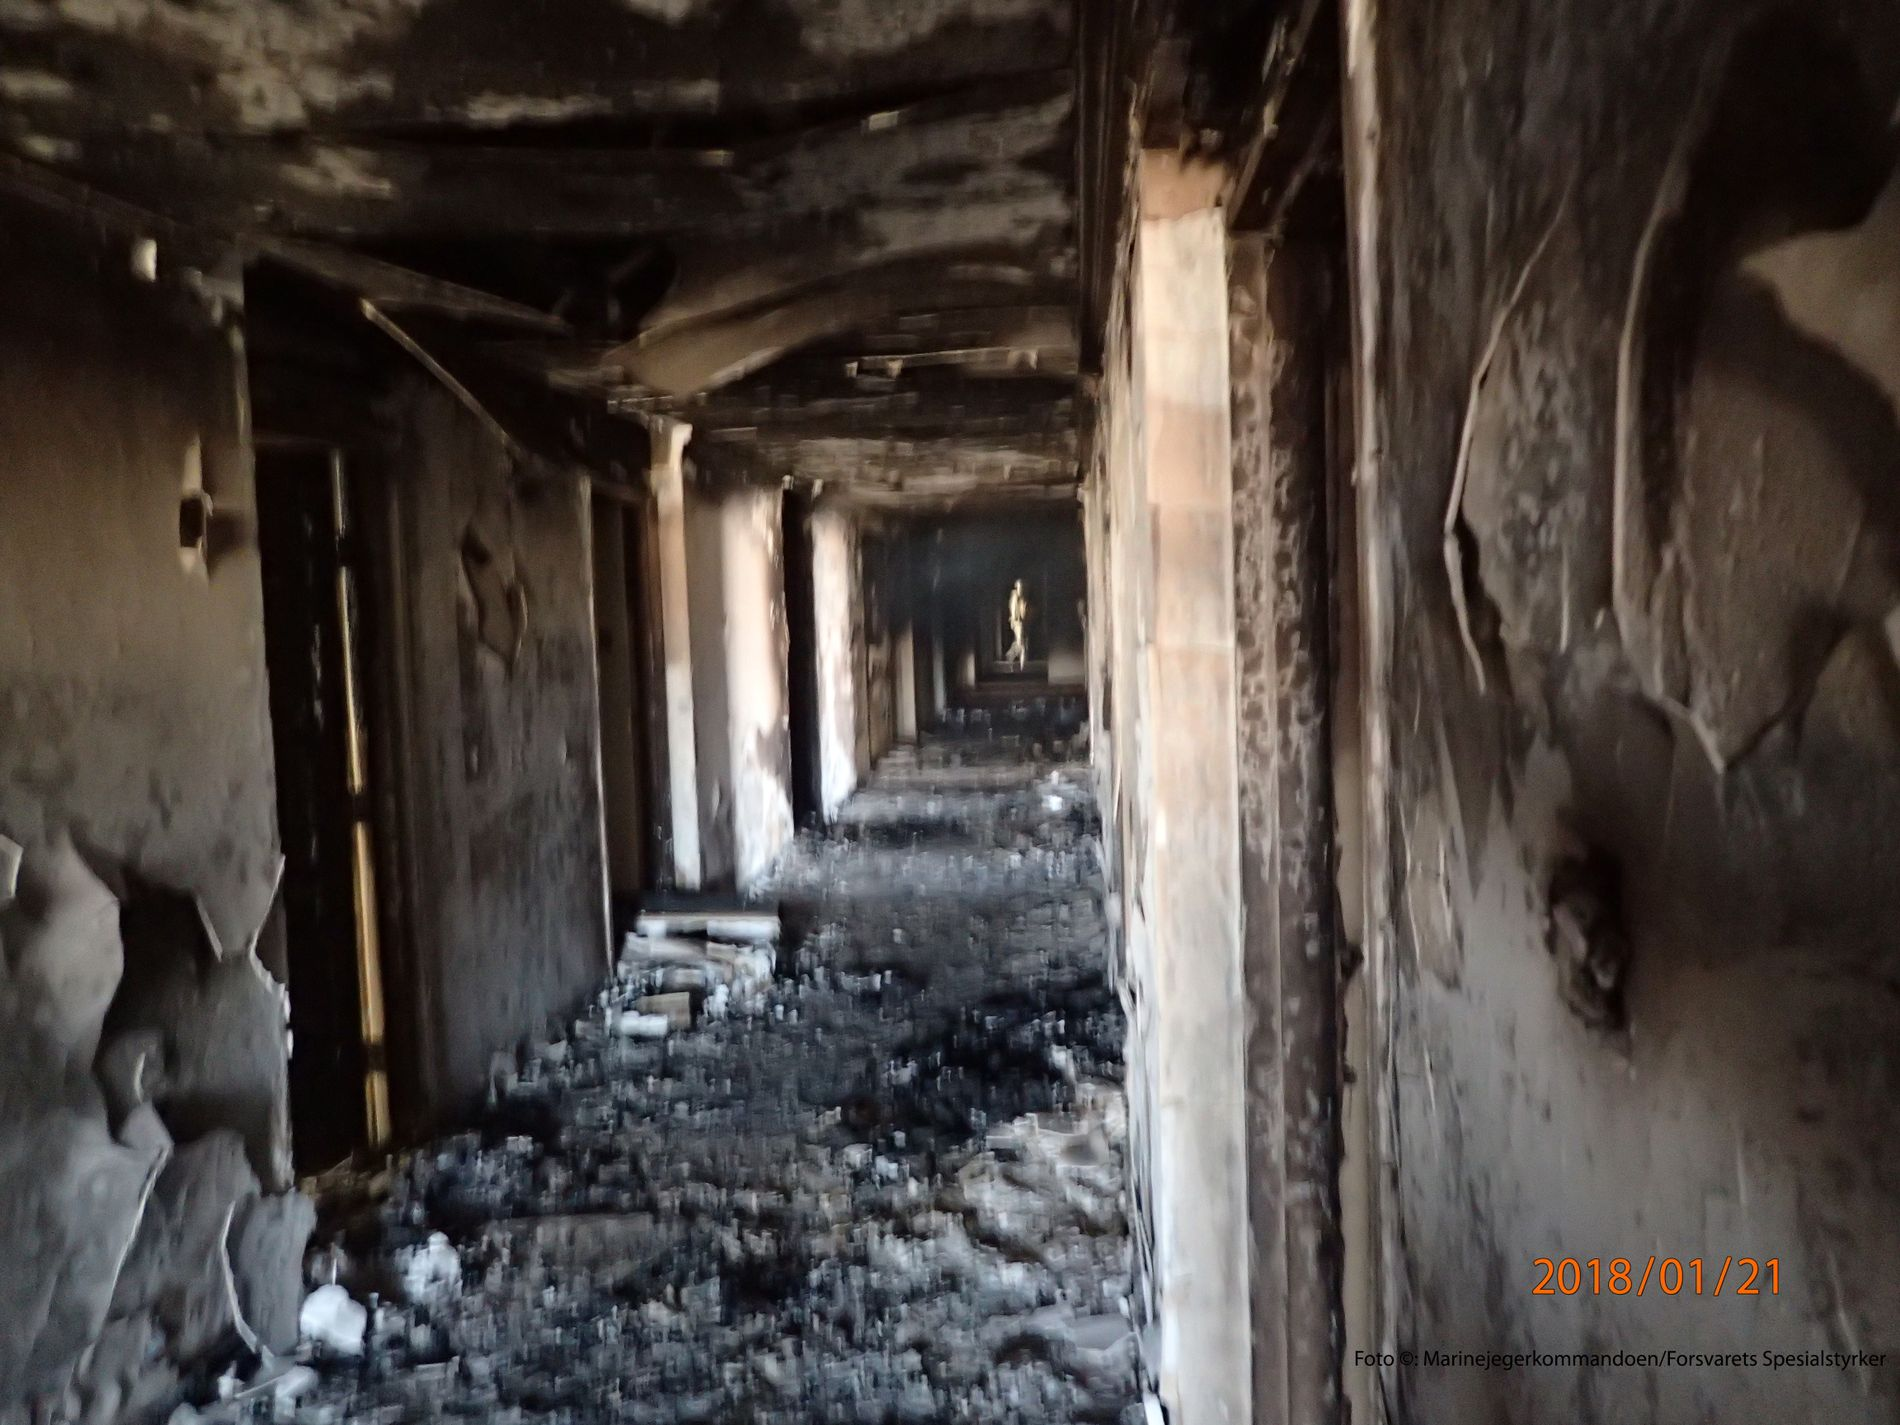 TOTALSKADD: Flere av hotellets etasjer var utbrent som følge angrepet. Bilde er fra de øverste etasjene i hotellet.